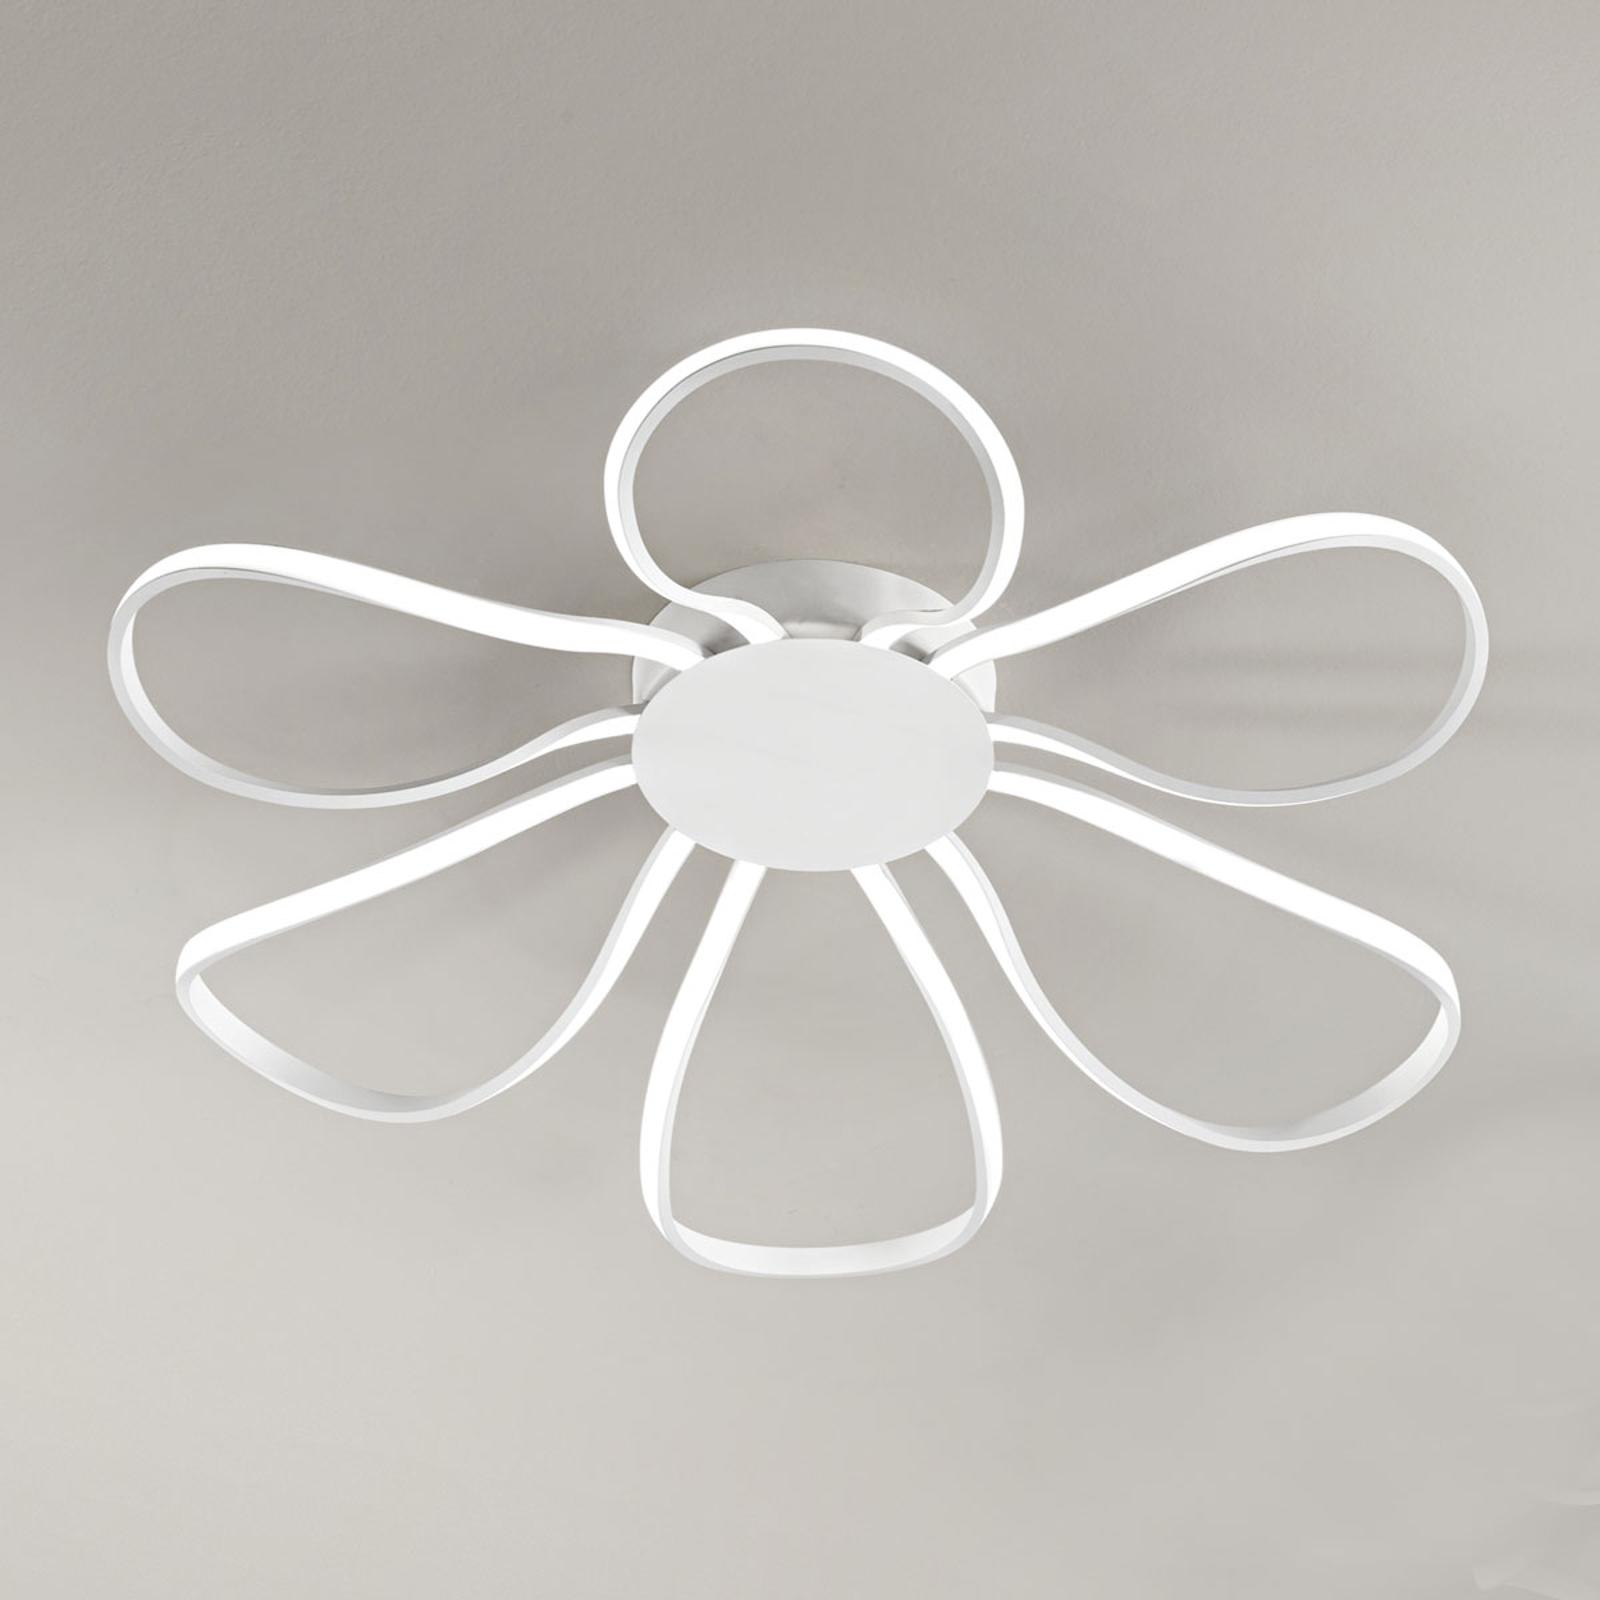 LED-taklampe Blossom, Ø 62 cm